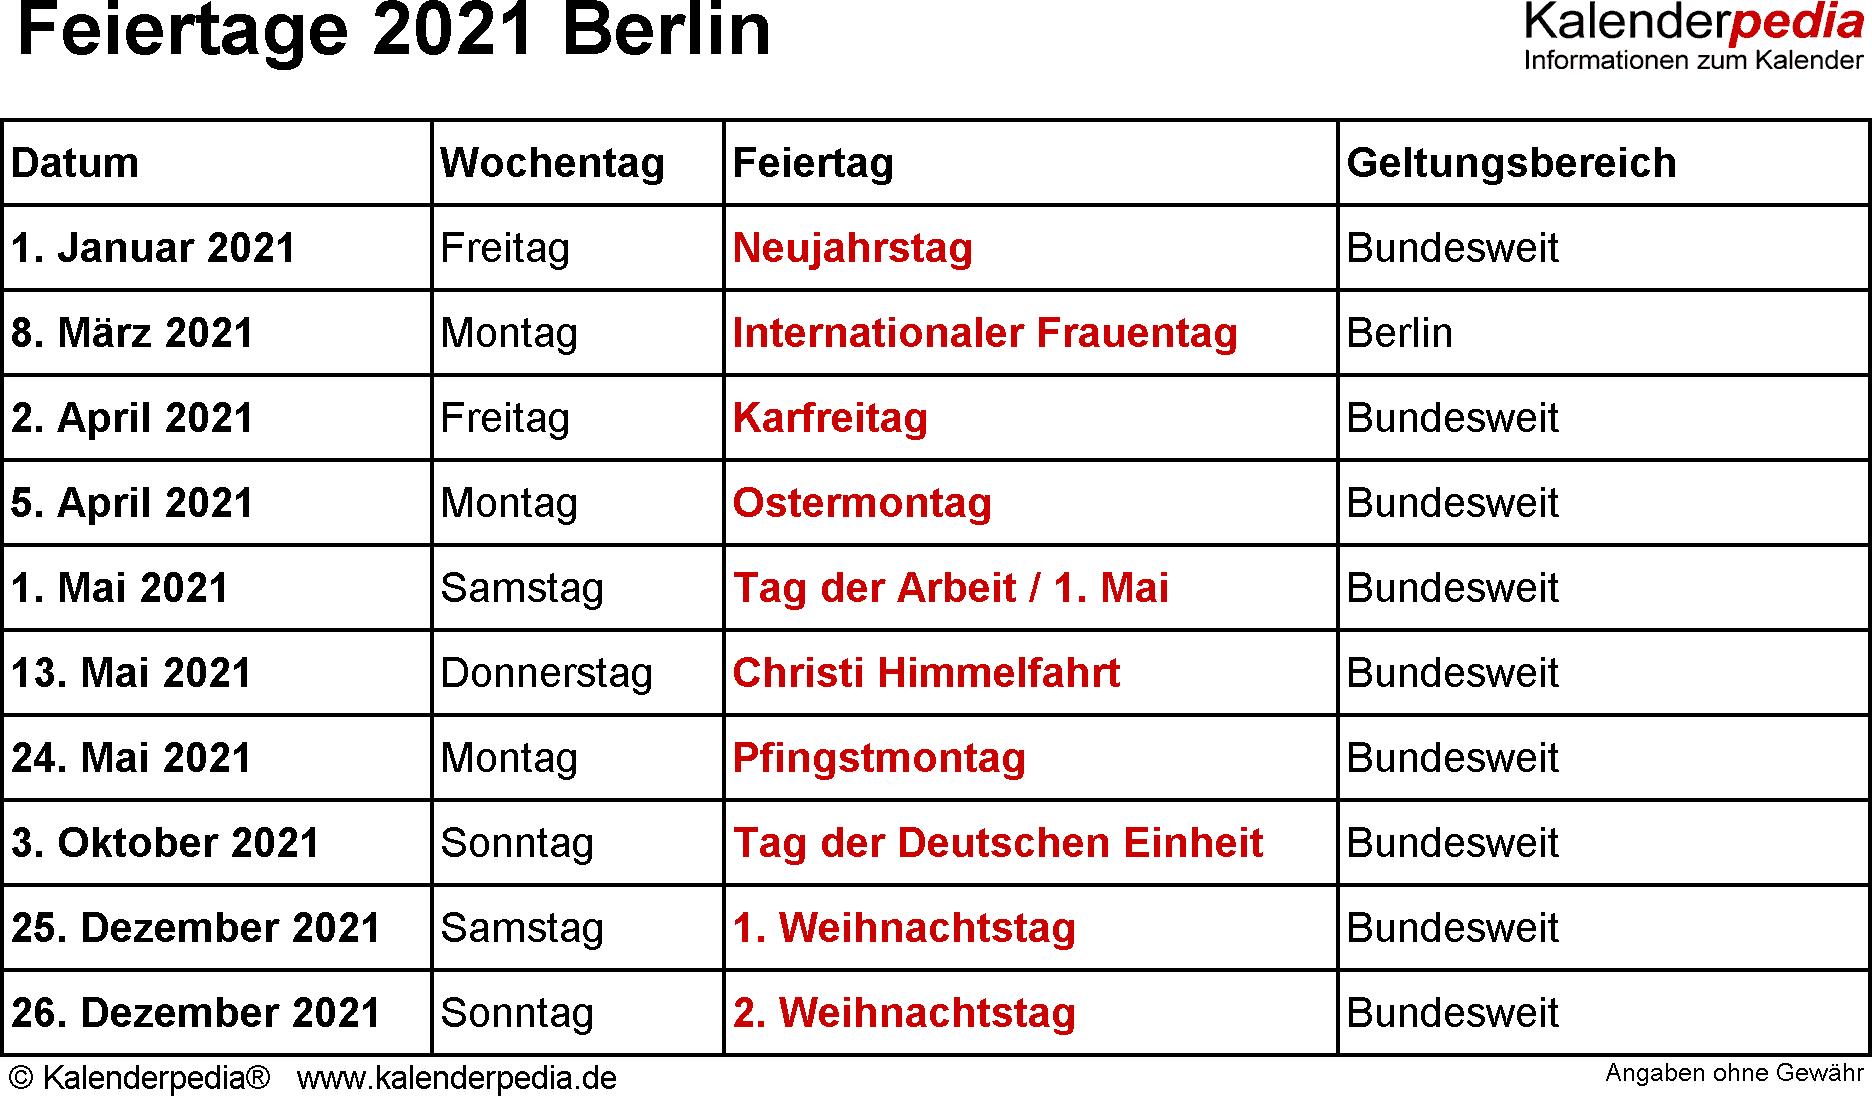 Berlin Feiertage 2021